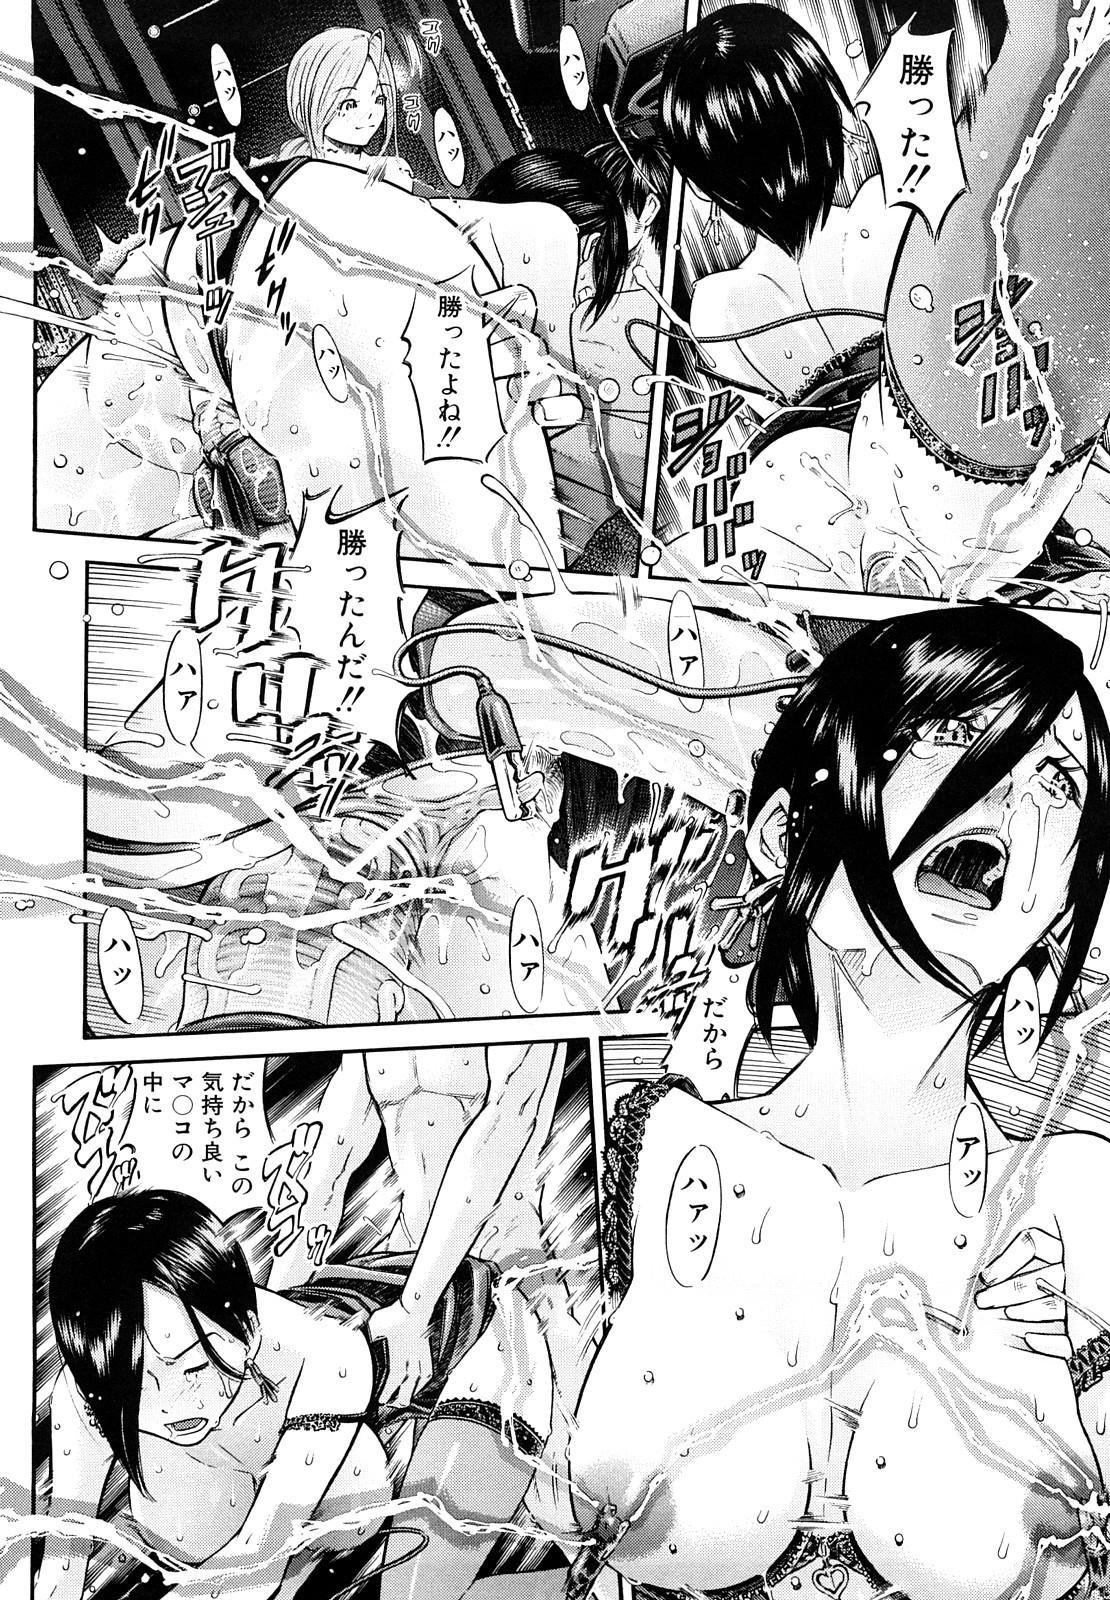 Chijyotachi no Kirifuda 78